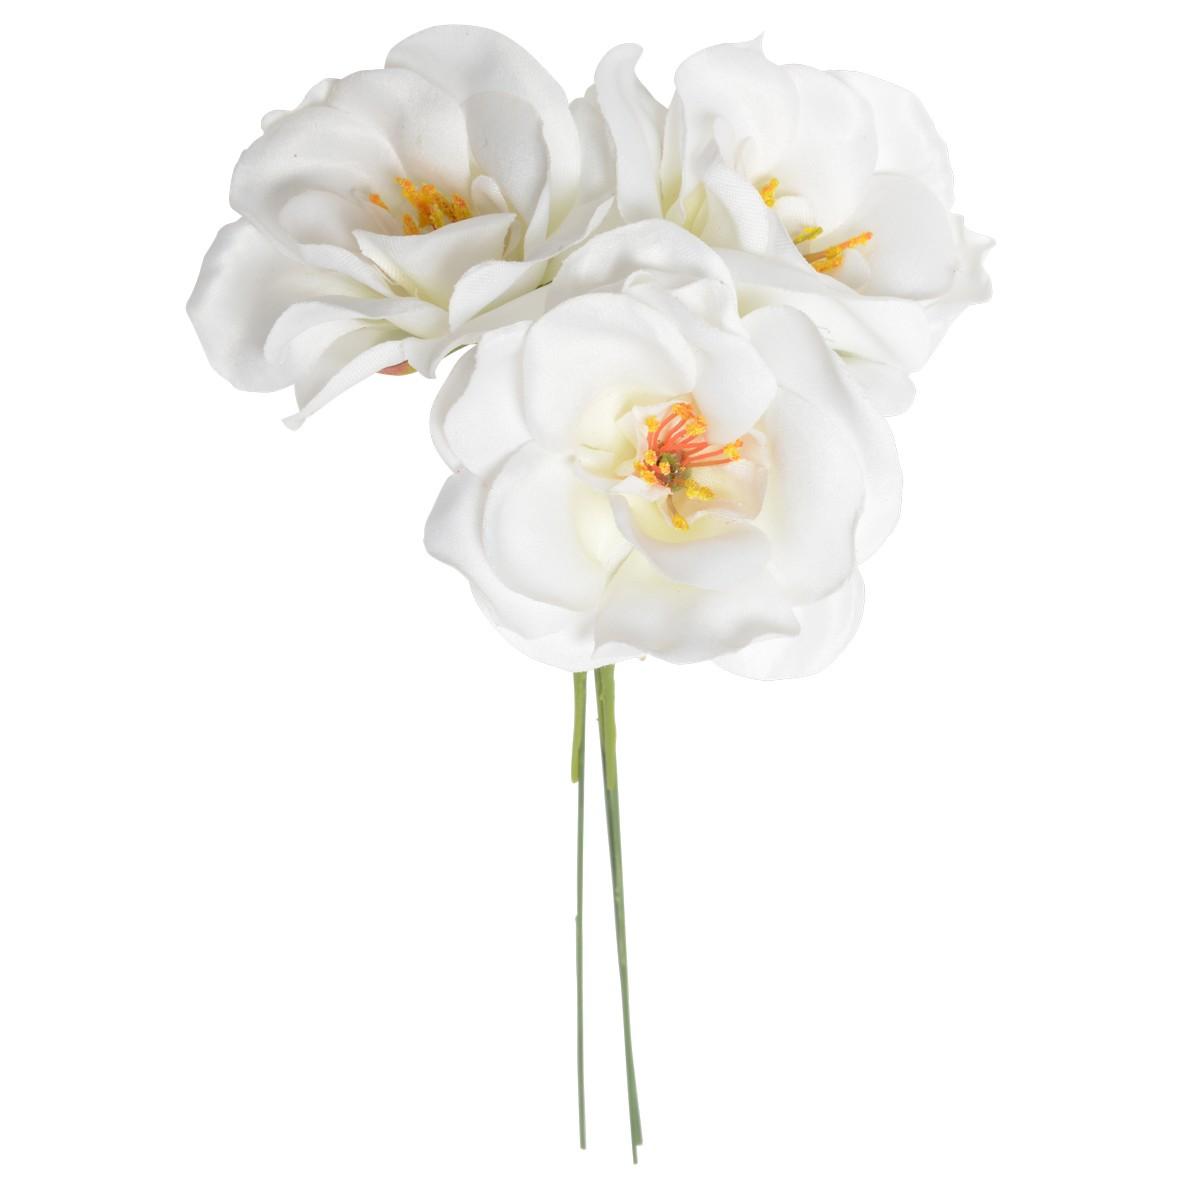 【造花】パレ/ミニカメリアピック ホワイト 3本セット/P-2019-10【01】【取寄】《 造花(アーティフィシャルフラワー) 造花 花材「た行」 ツバキ(椿) 》